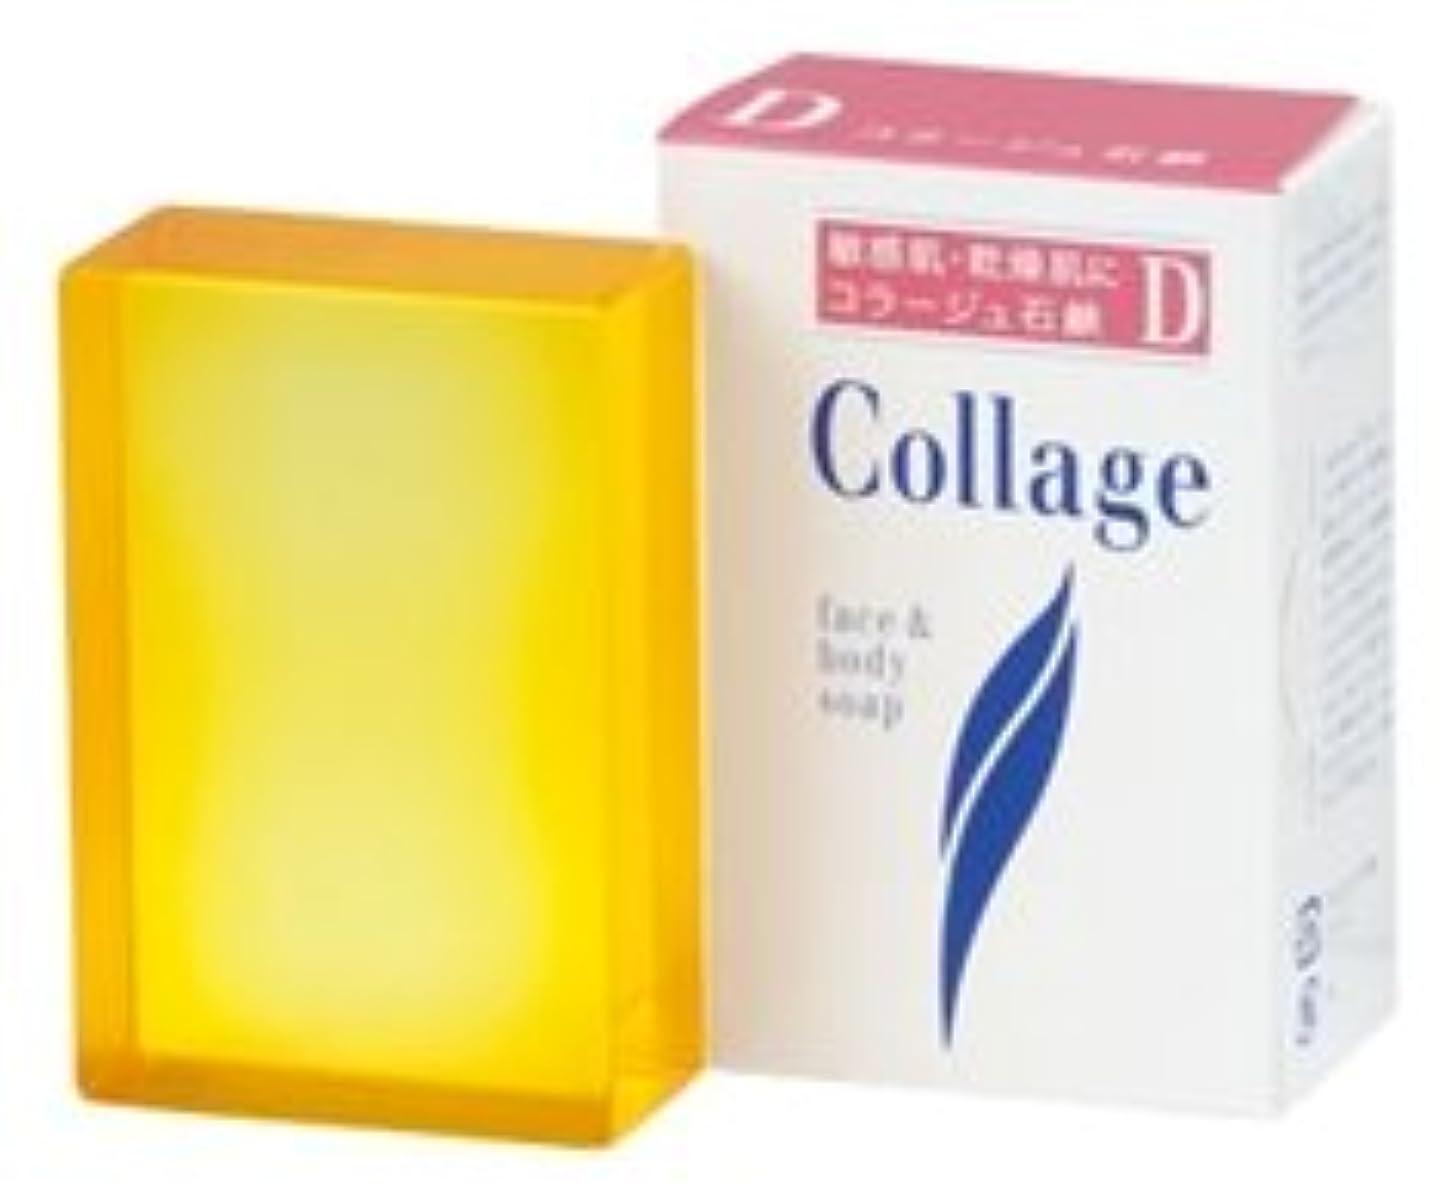 振り子遠洋のテンションコラージュD乾性肌用石鹸100g×2 1342